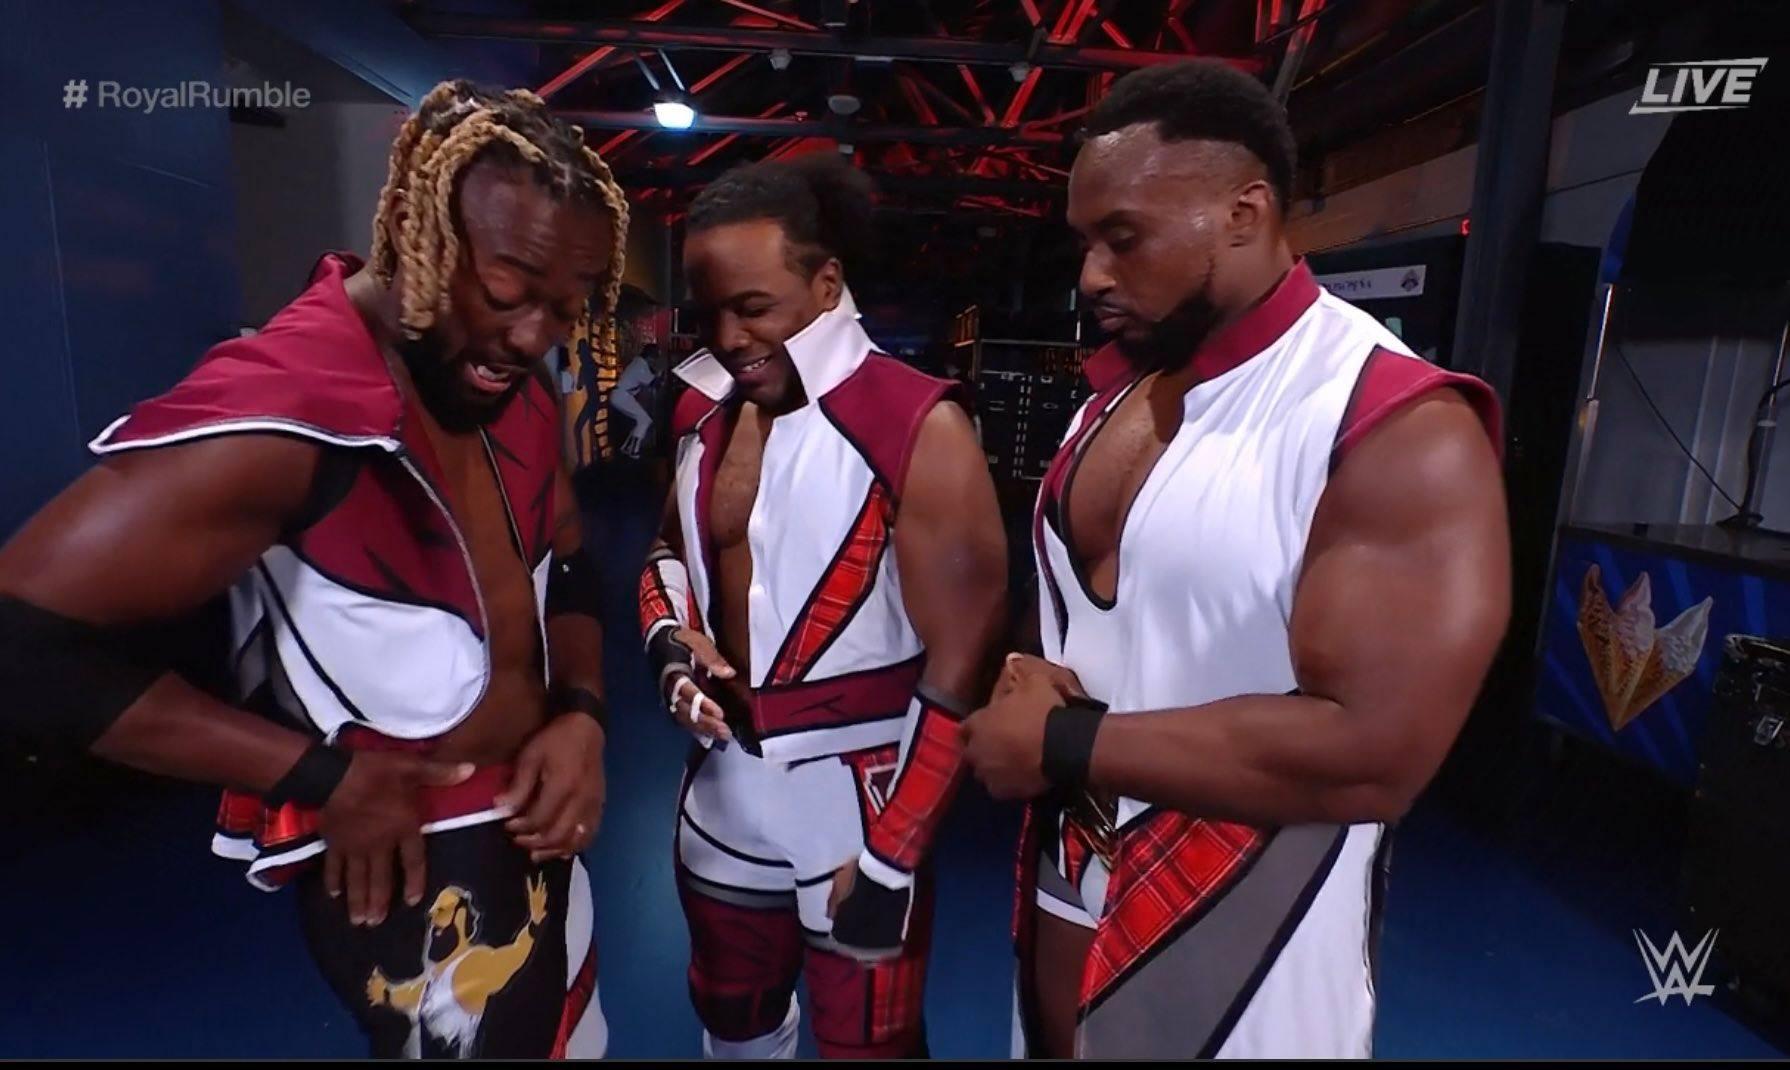 Kofi Kingston Pays Tribute To Jon Huber Luke Harper Brodie Lee At WWE Royal Rumble 2021